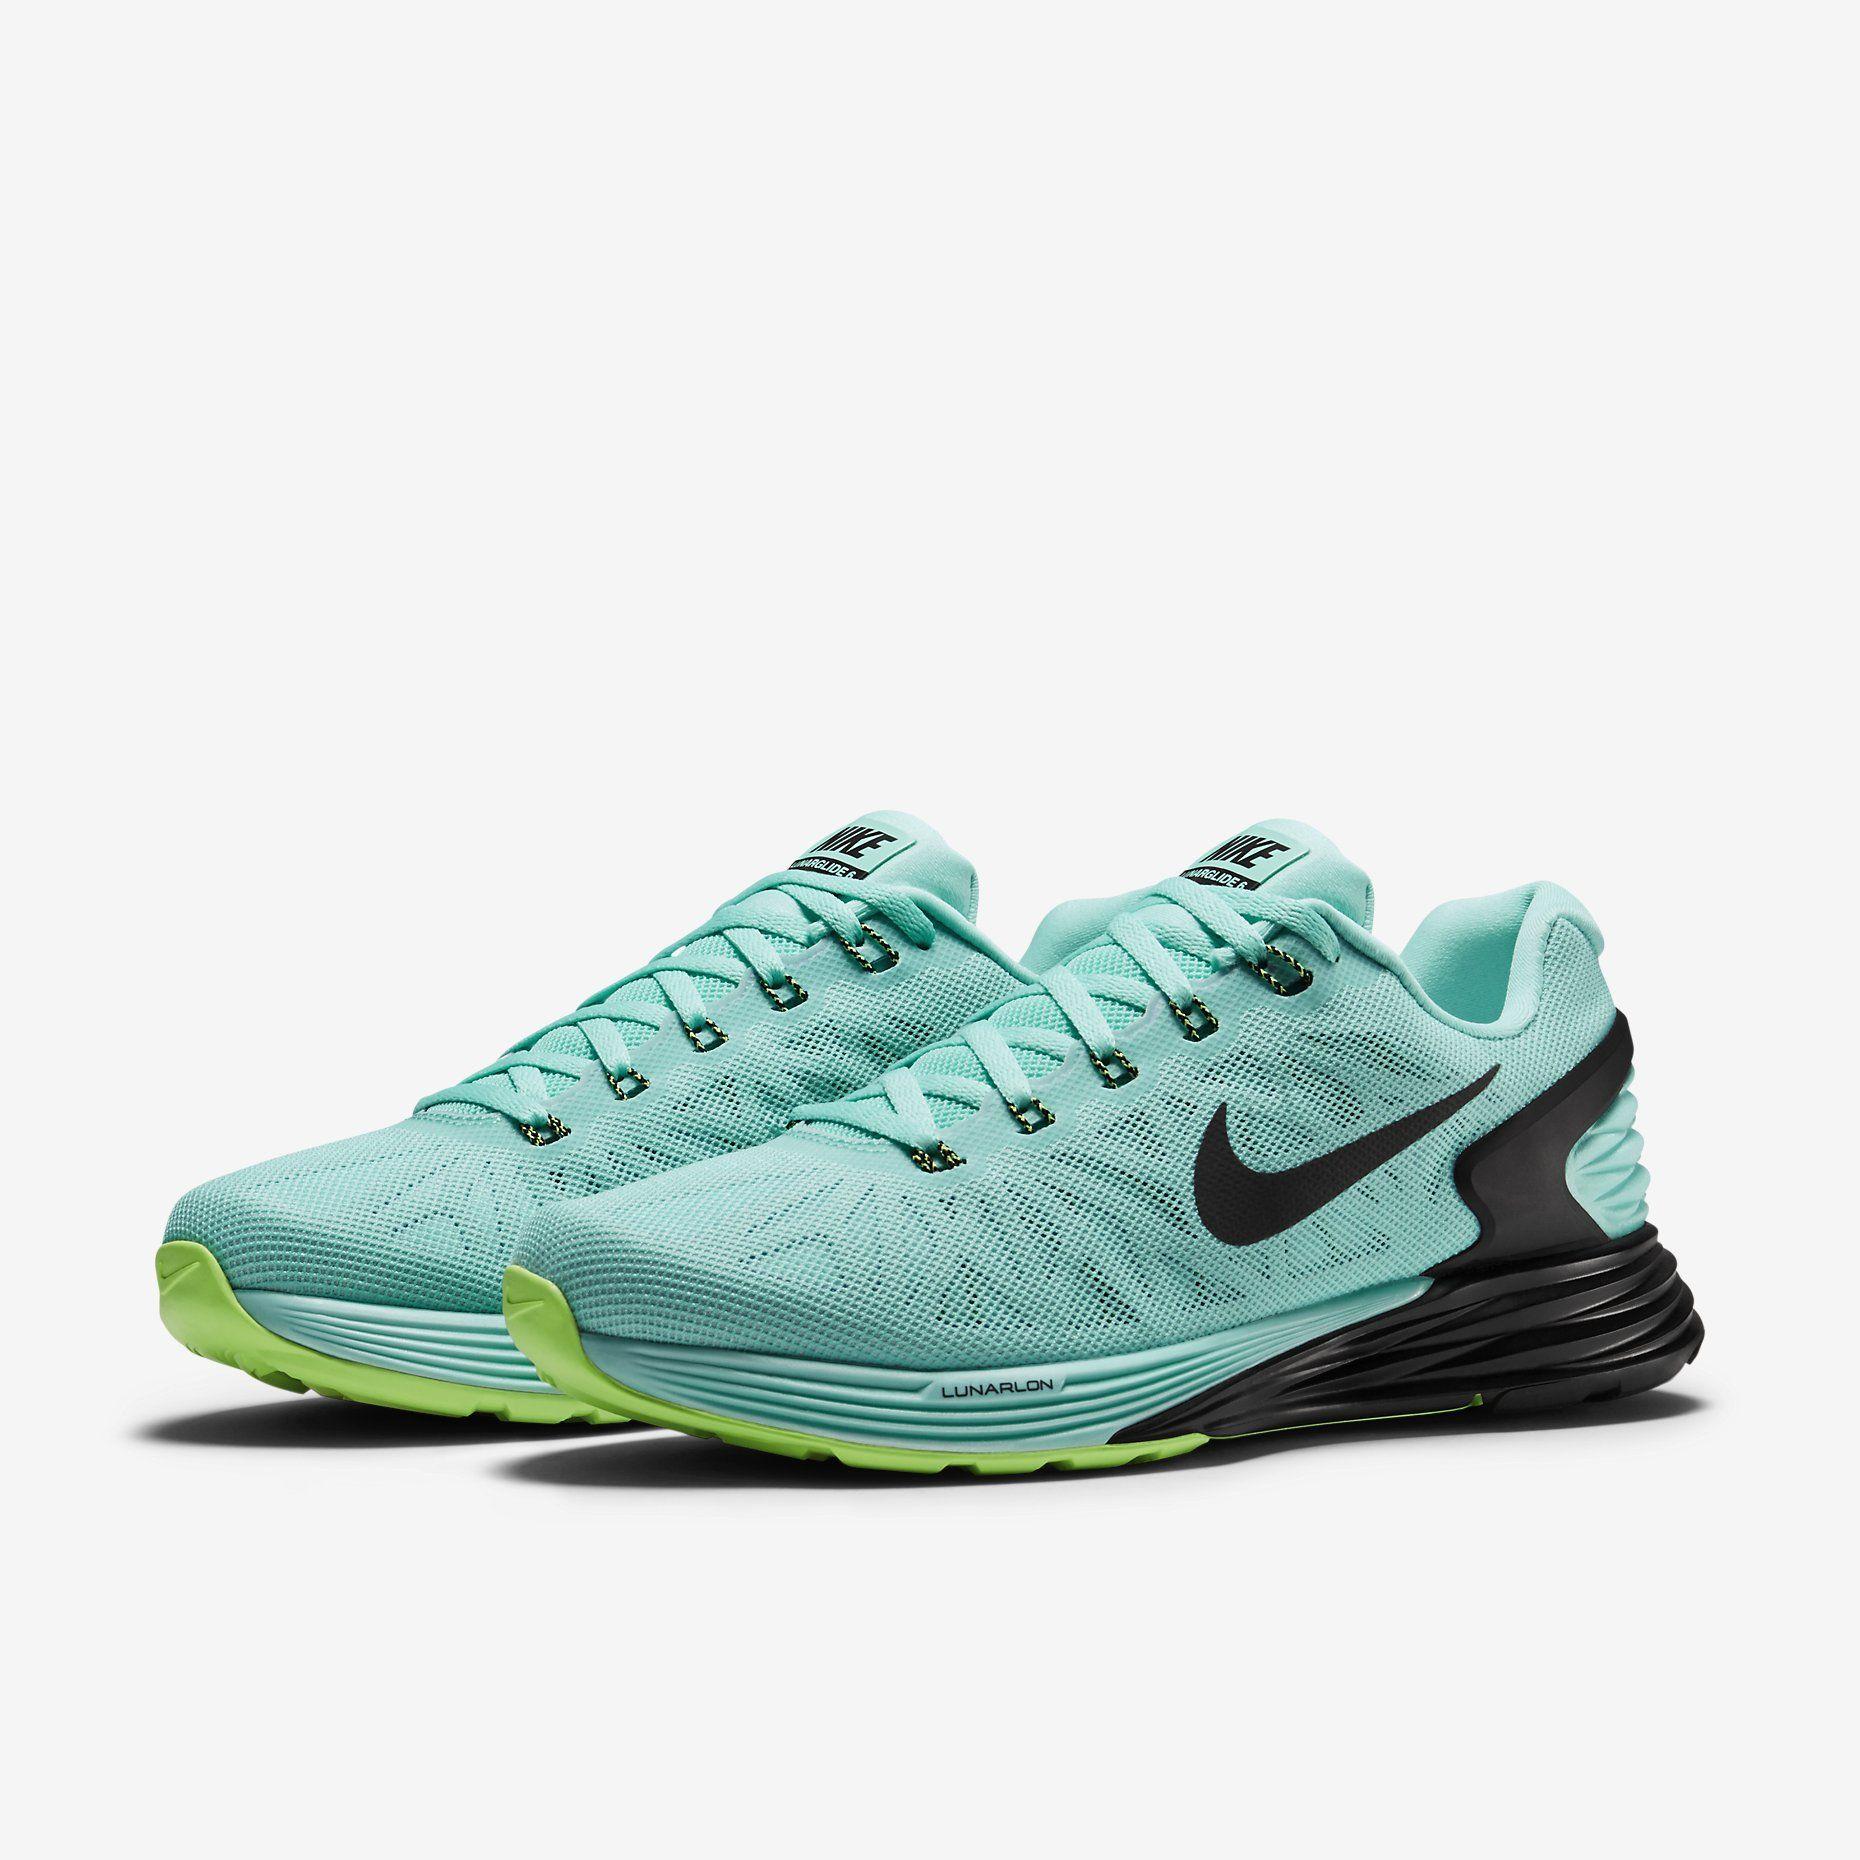 f6a5c24d3ef Nike LunarGlide 6 Women s Running Shoe. Nike Store